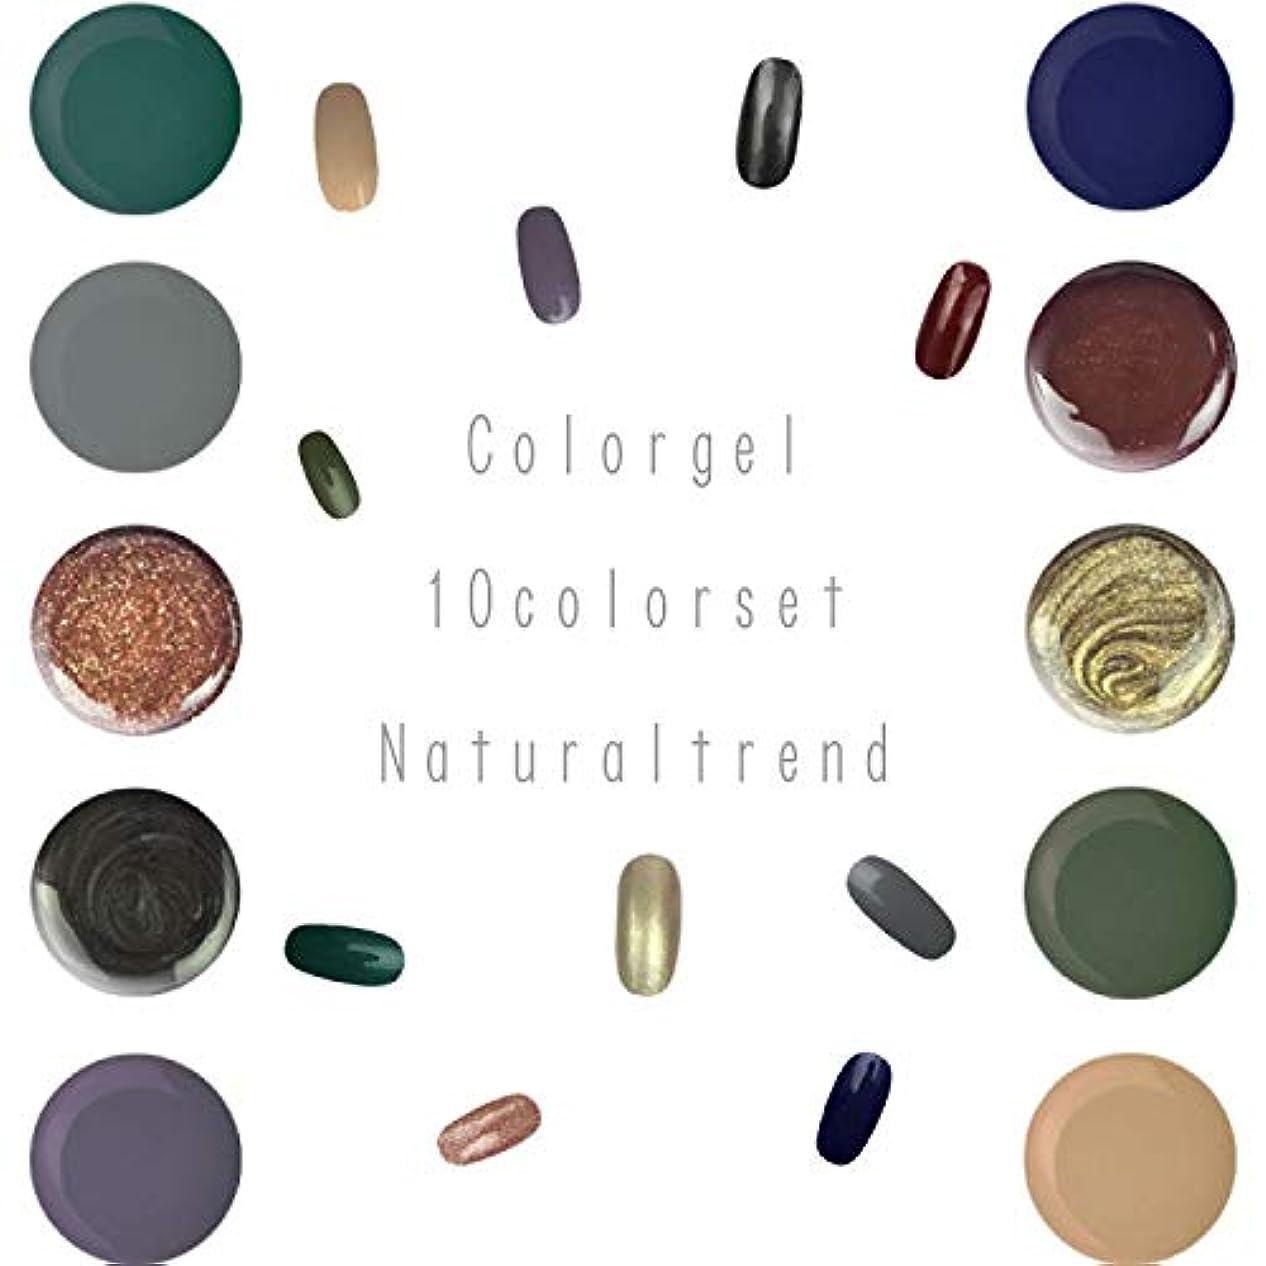 抹消褐色のれんNaturalTrend ジェルネイル 10色セット カラージェル カラージェルセット ジェルセット (Bセット)